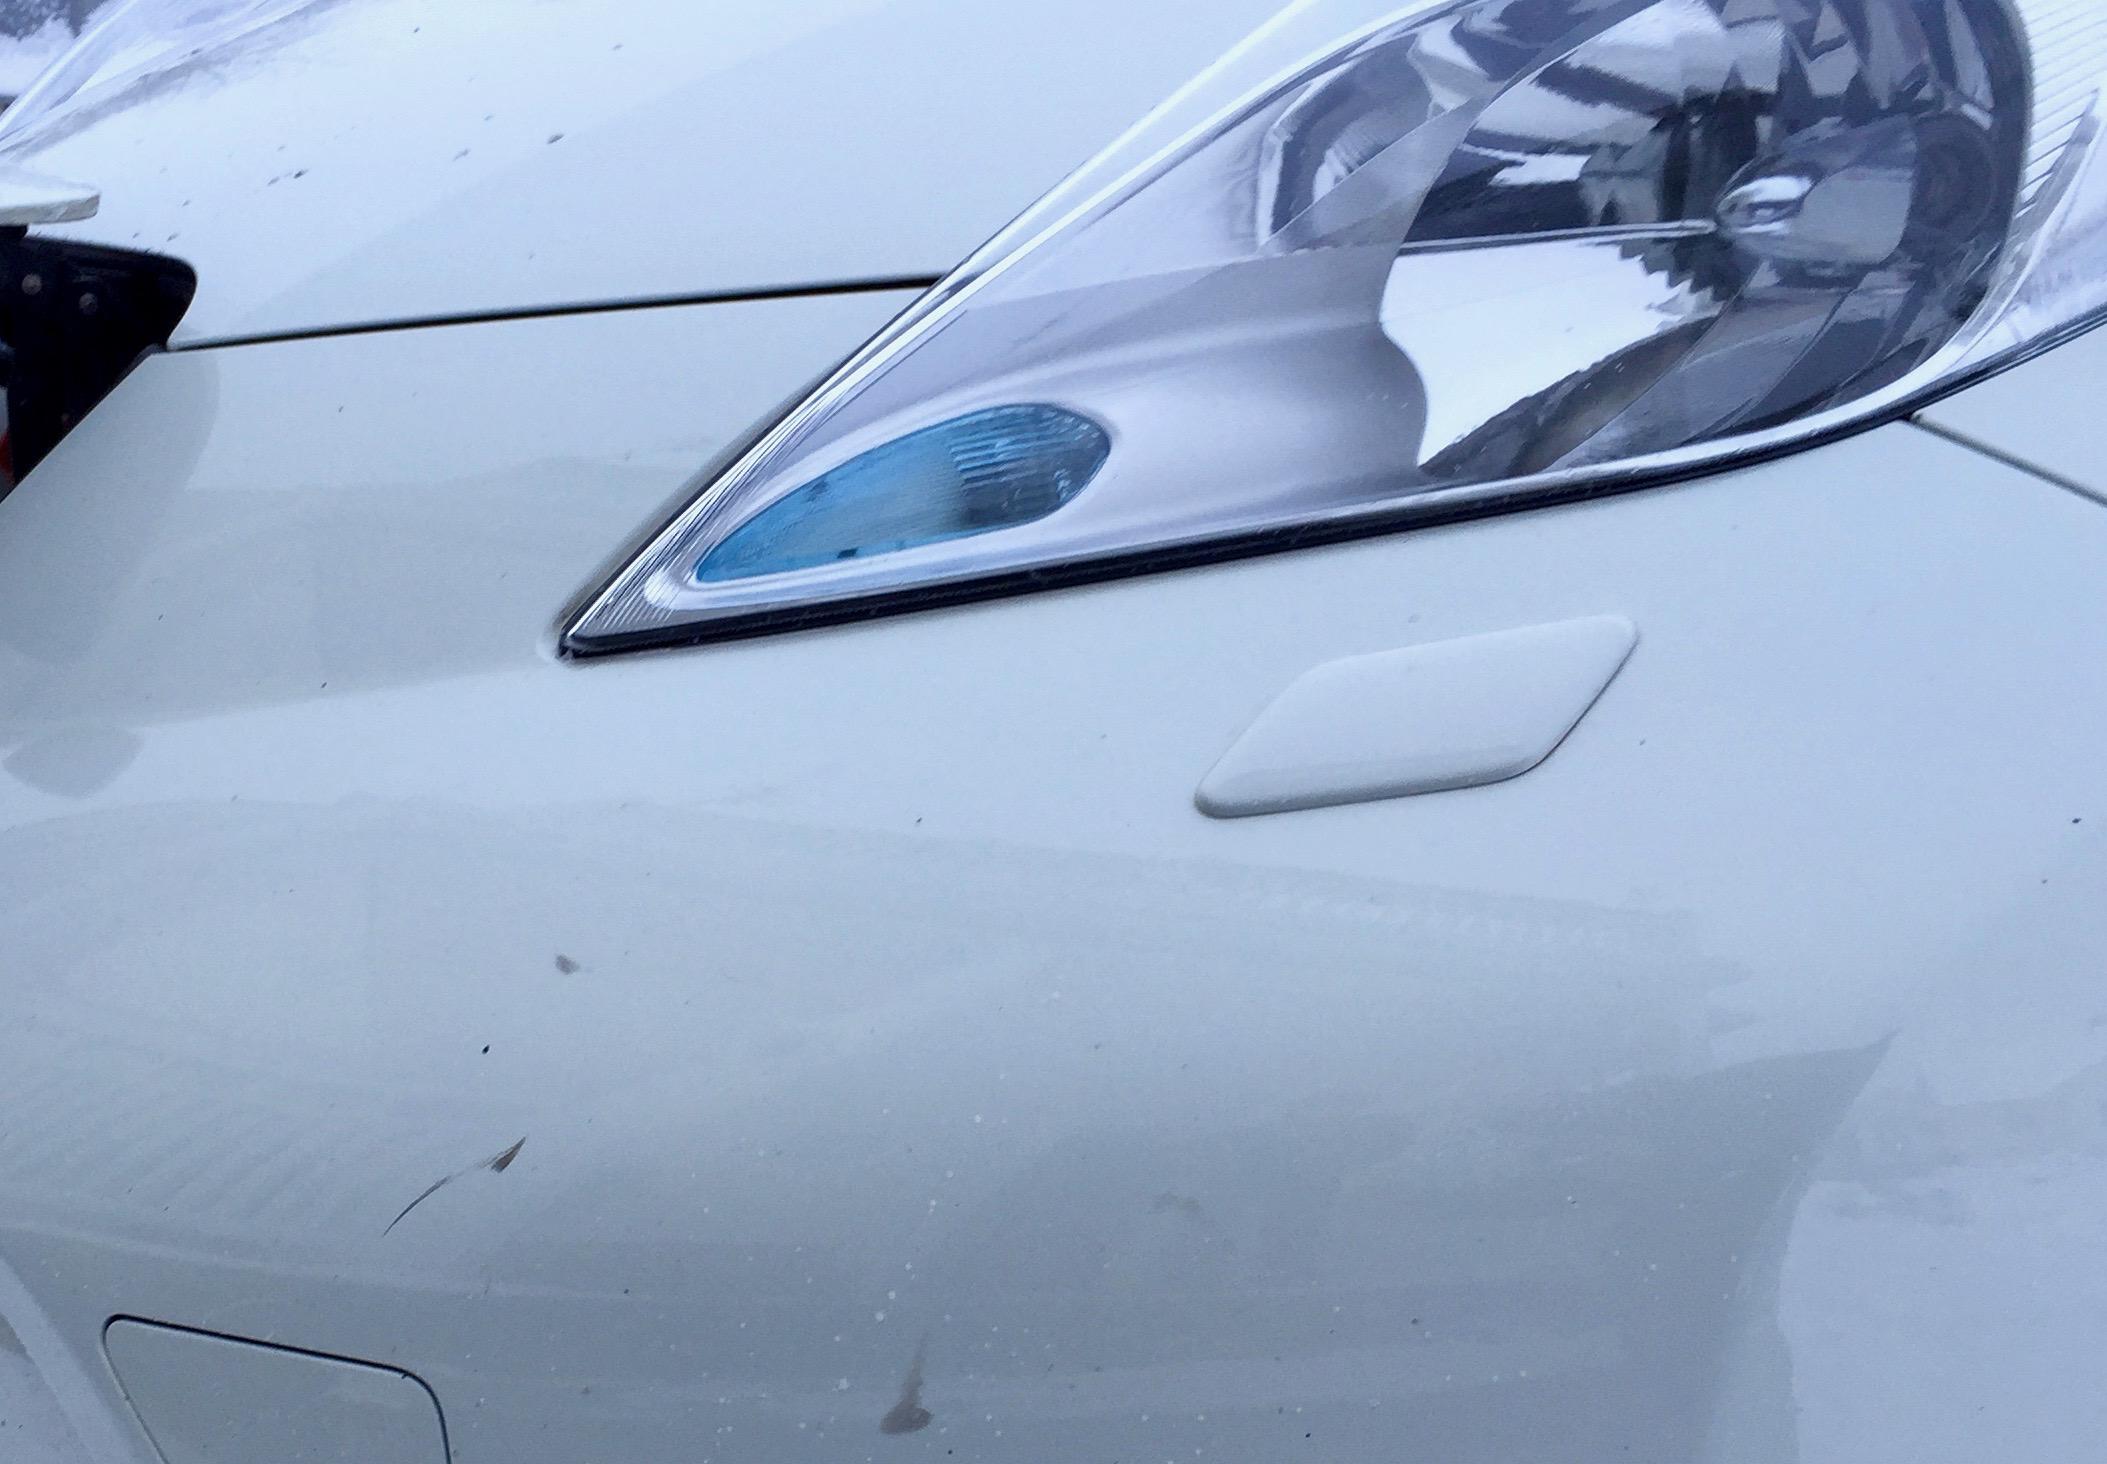 Myydään käytetty sähköauto